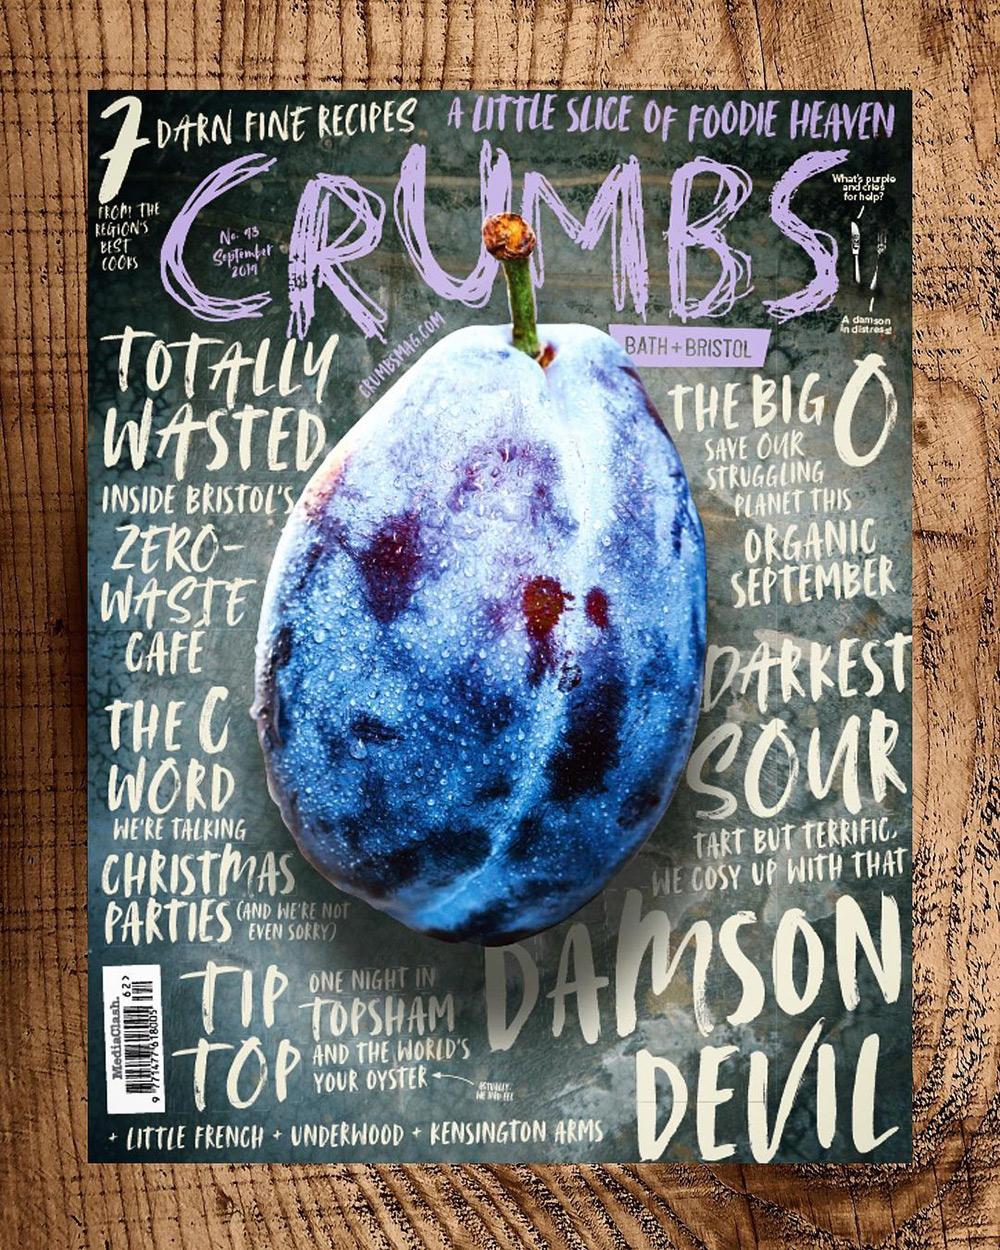 美食杂志《CRUMBS》封面设计